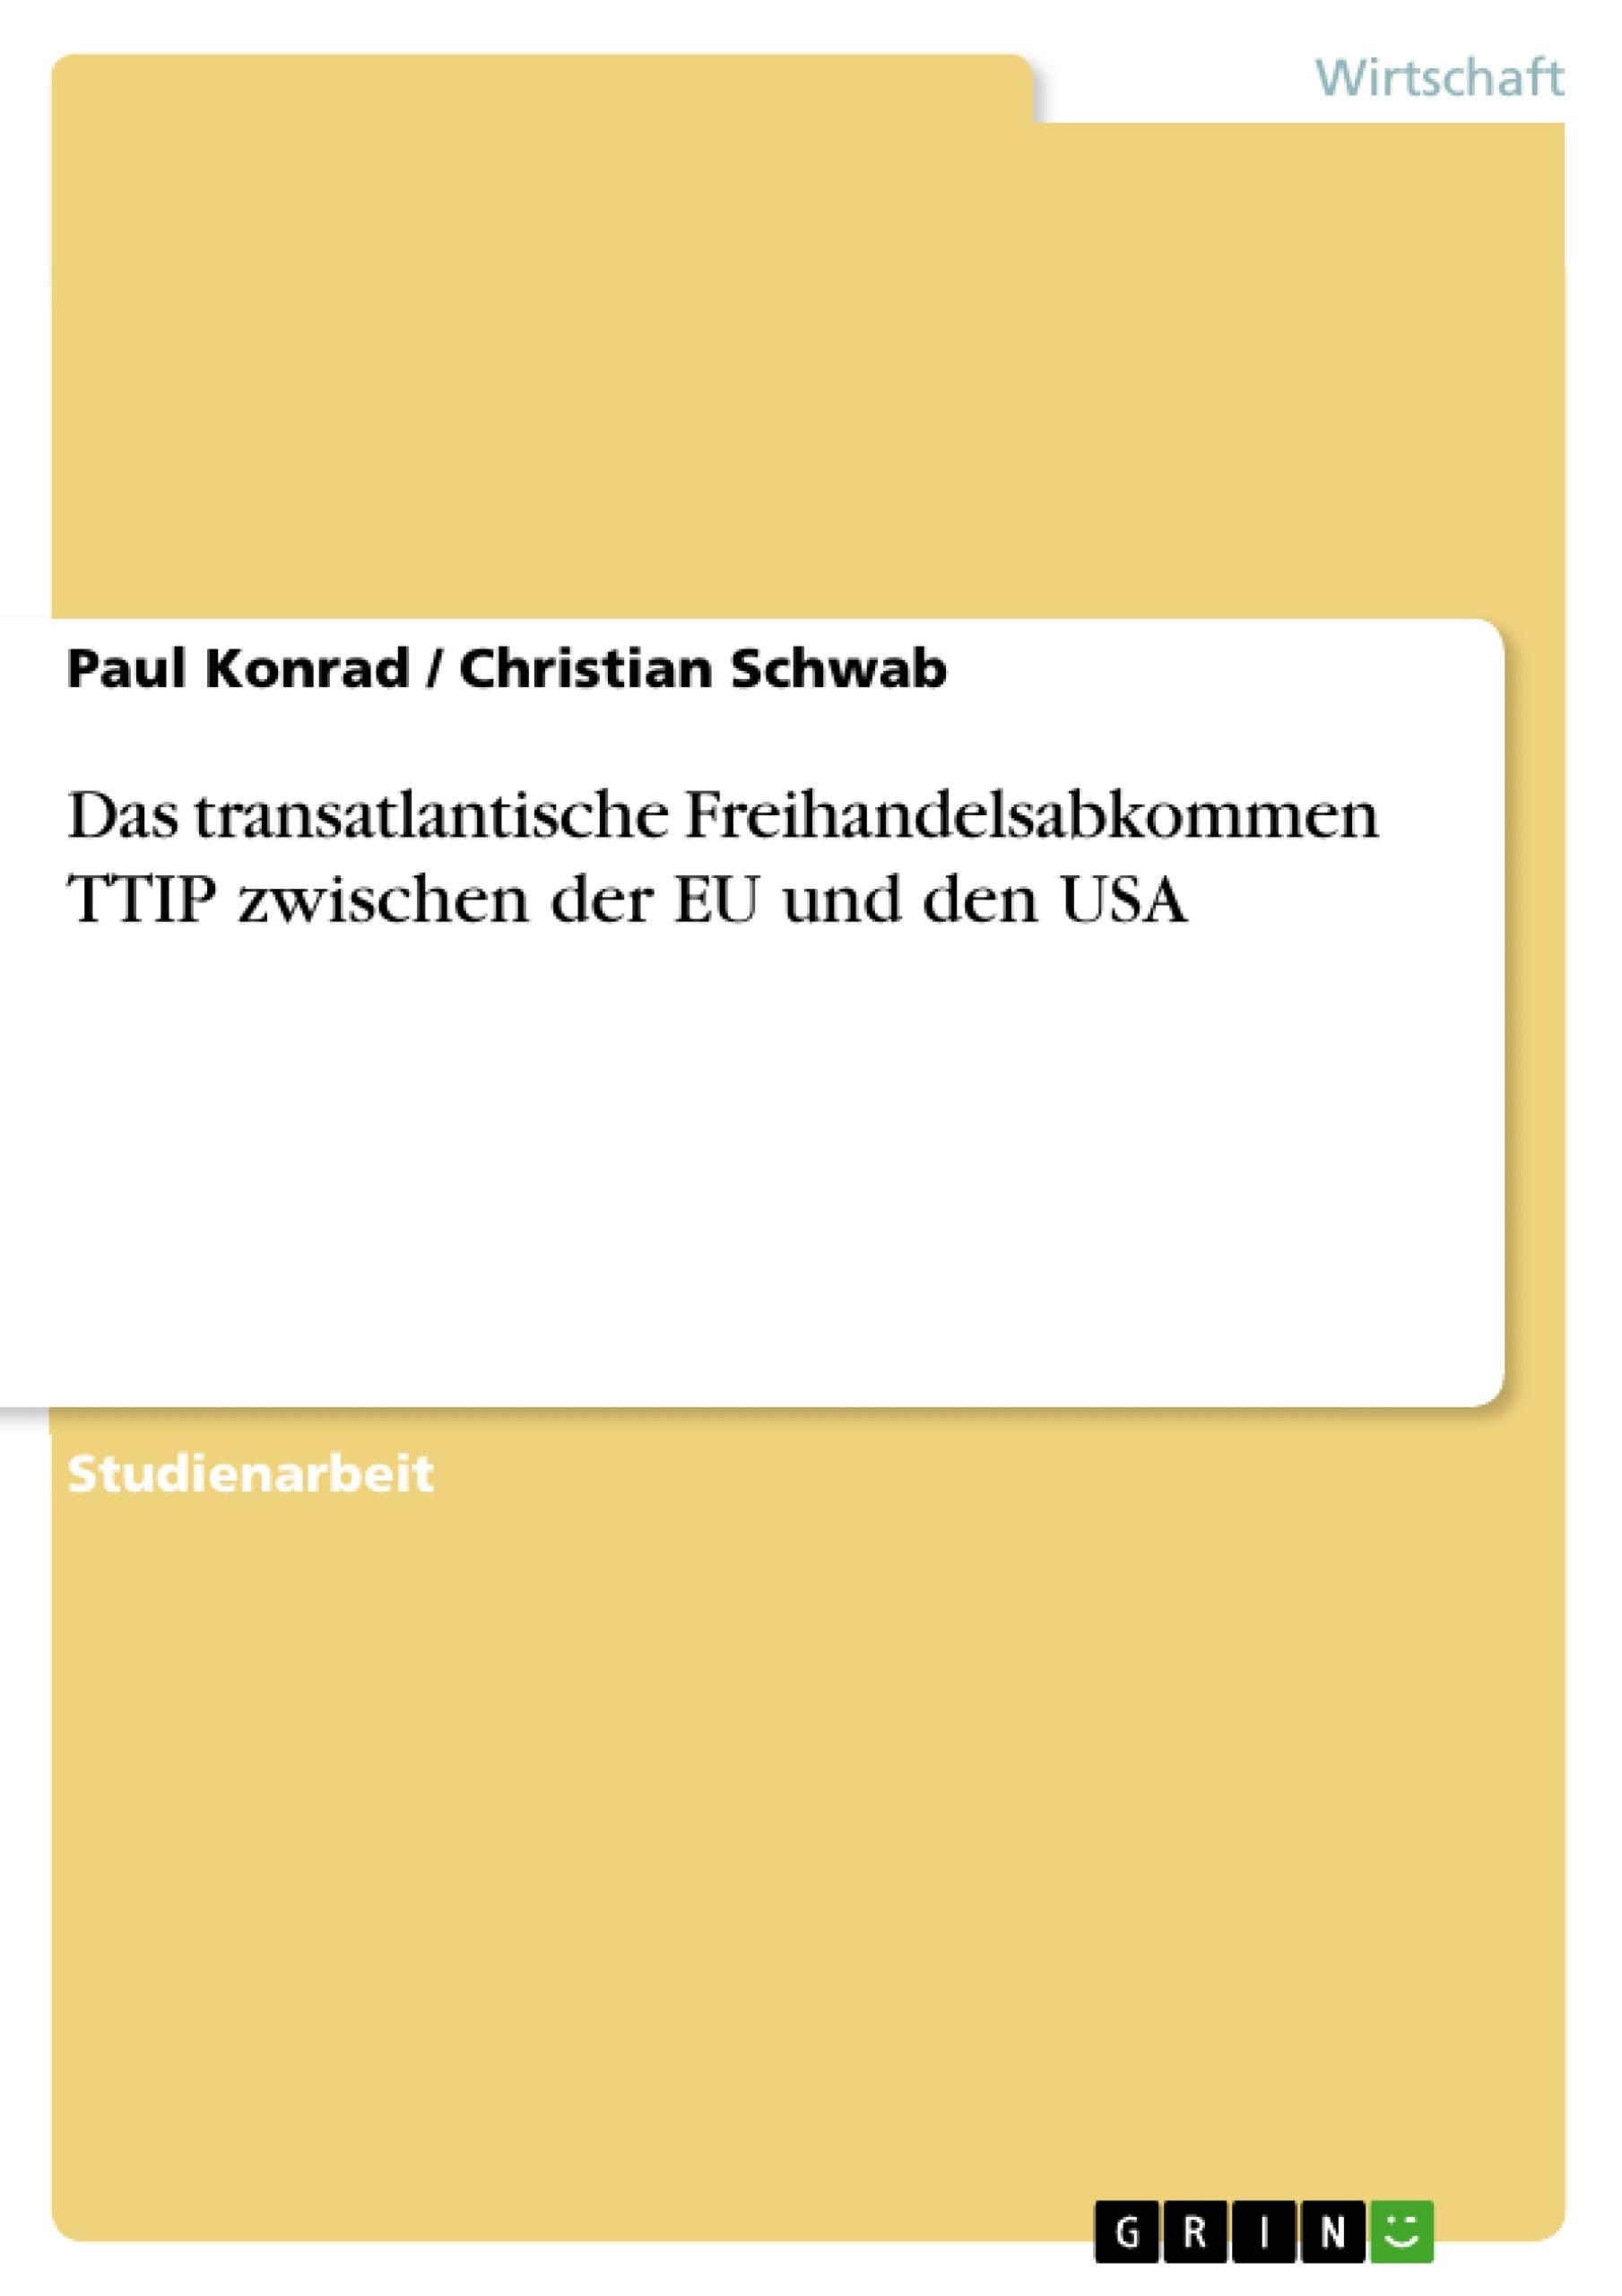 Titel: Das transatlantische Freihandelsabkommen TTIP zwischen der EU und den USA